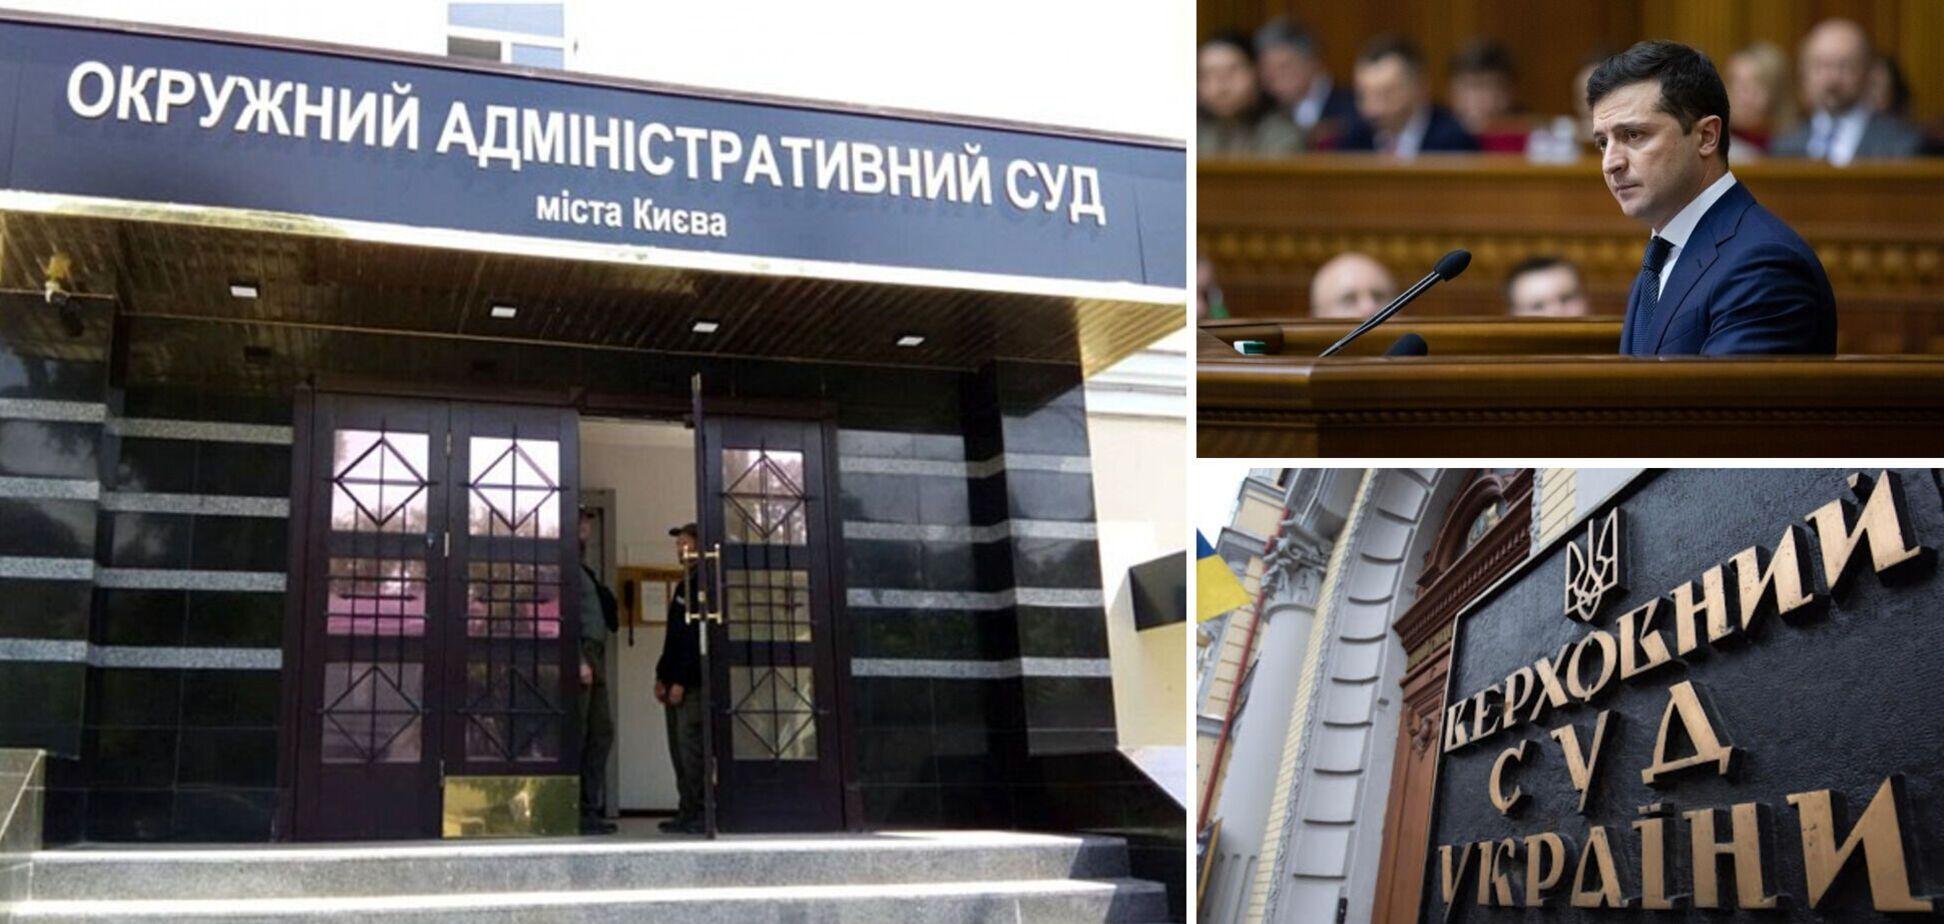 Прочь руки от решений центральной власти: как Зеленский хочет урезать часть полномочий ОАСК